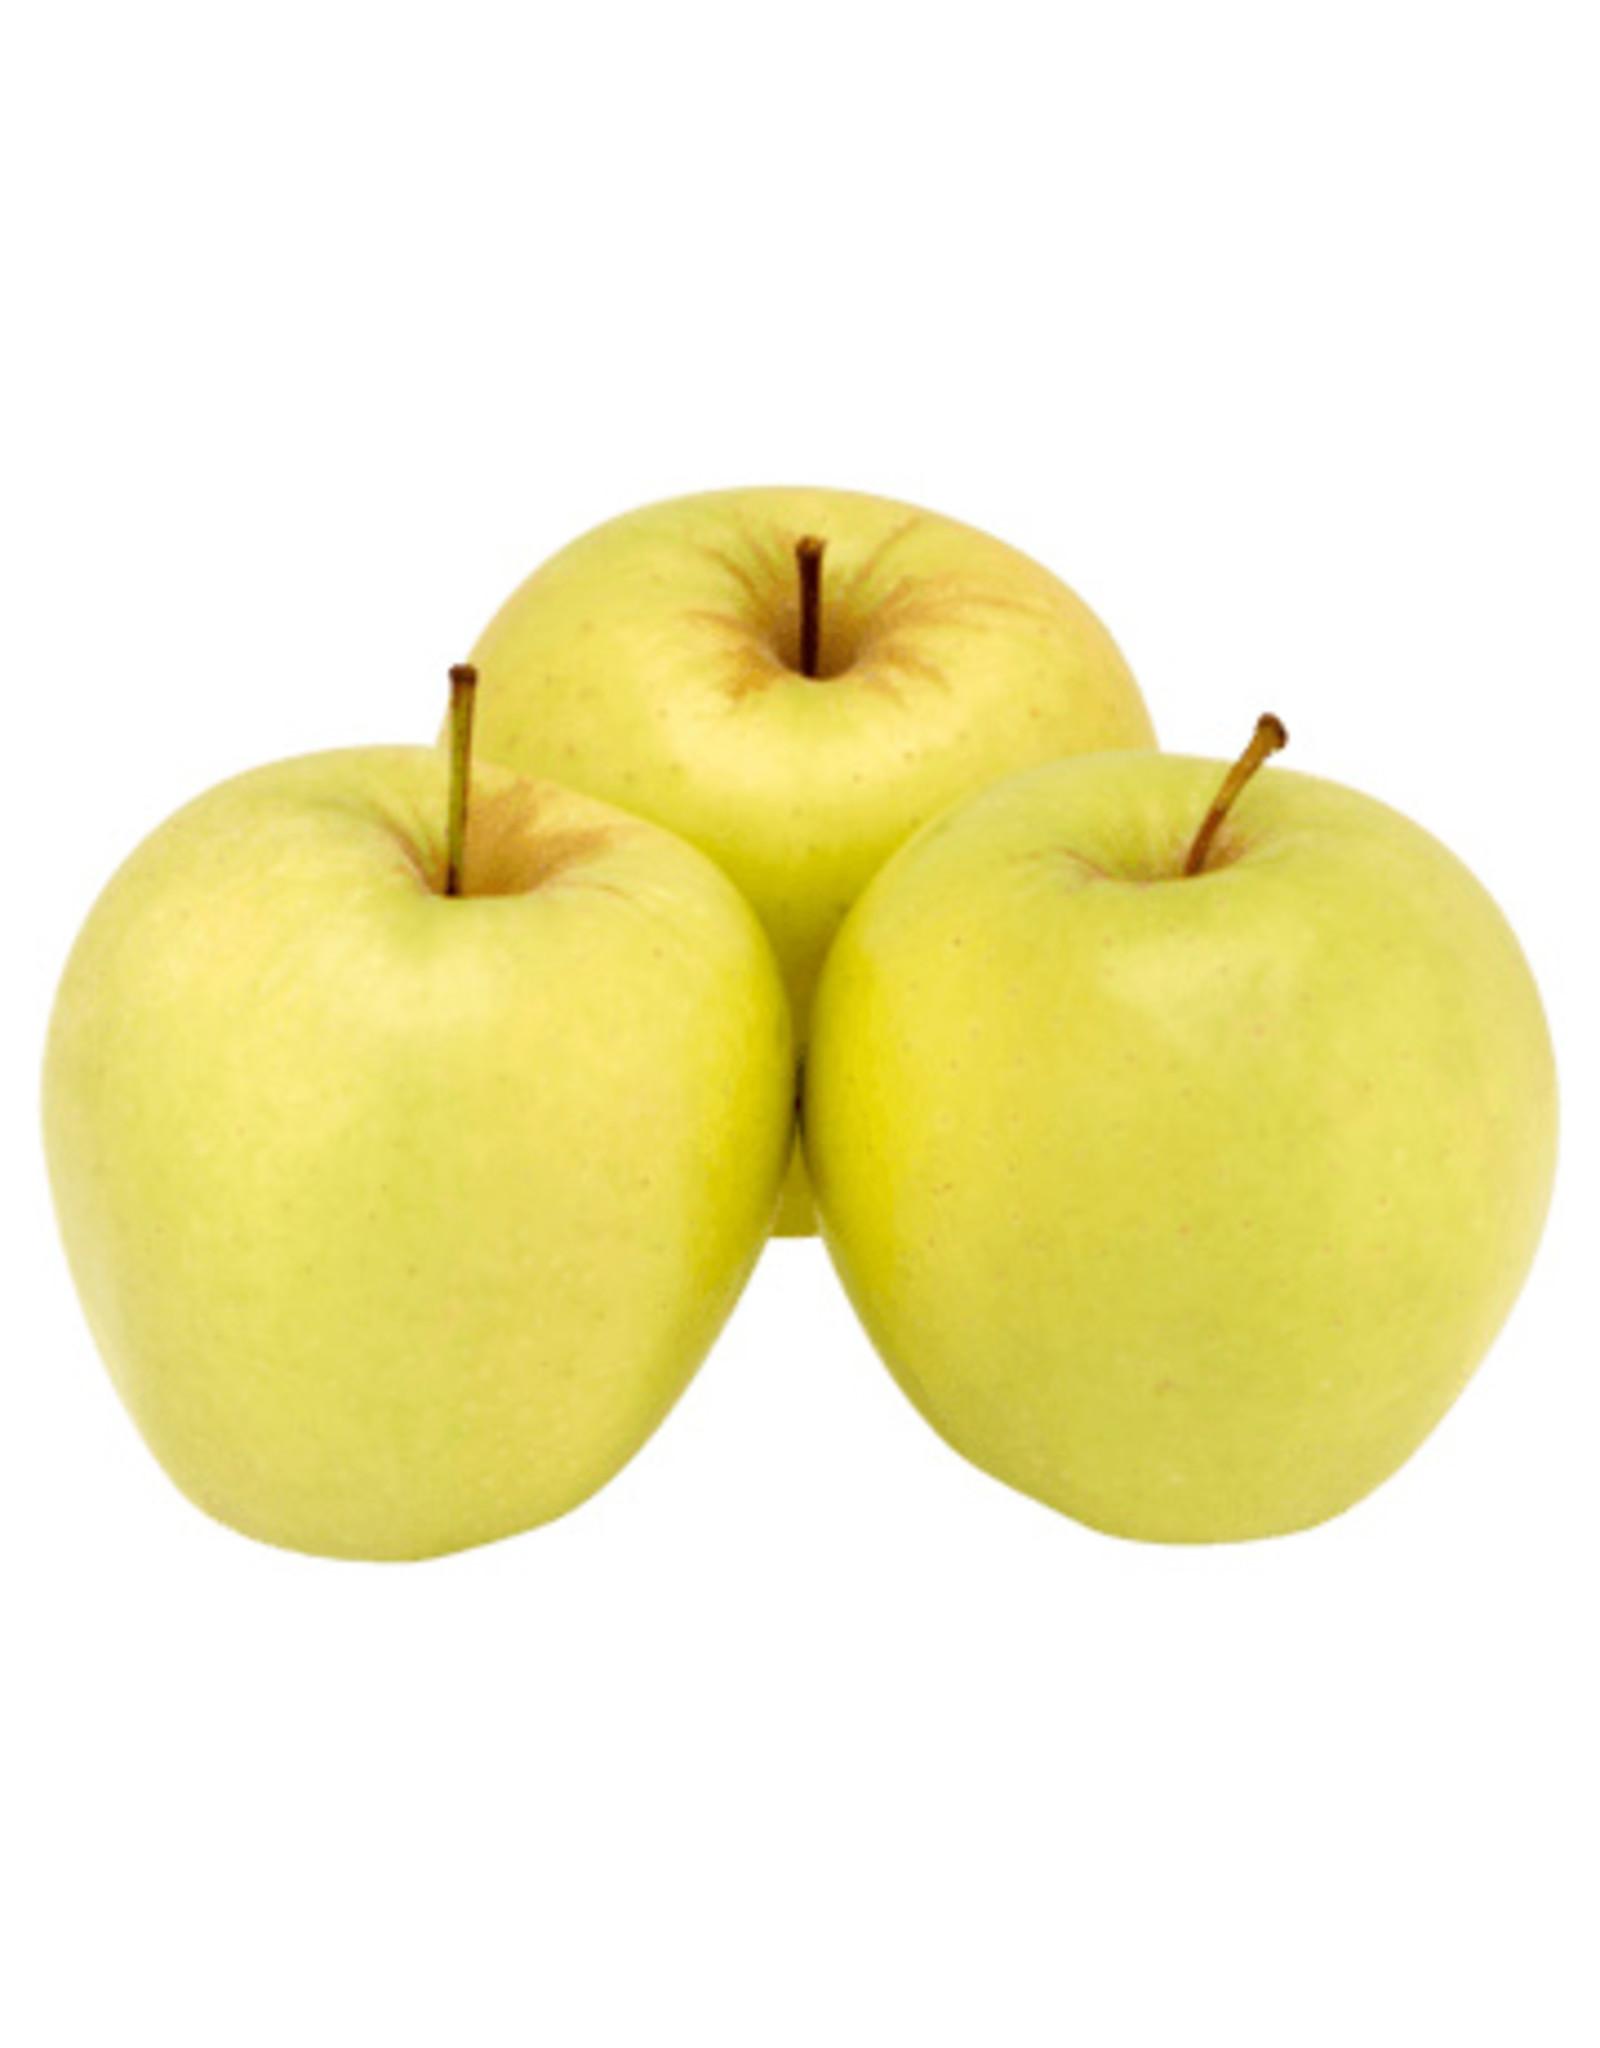 Appels Golden Delicious per kilo